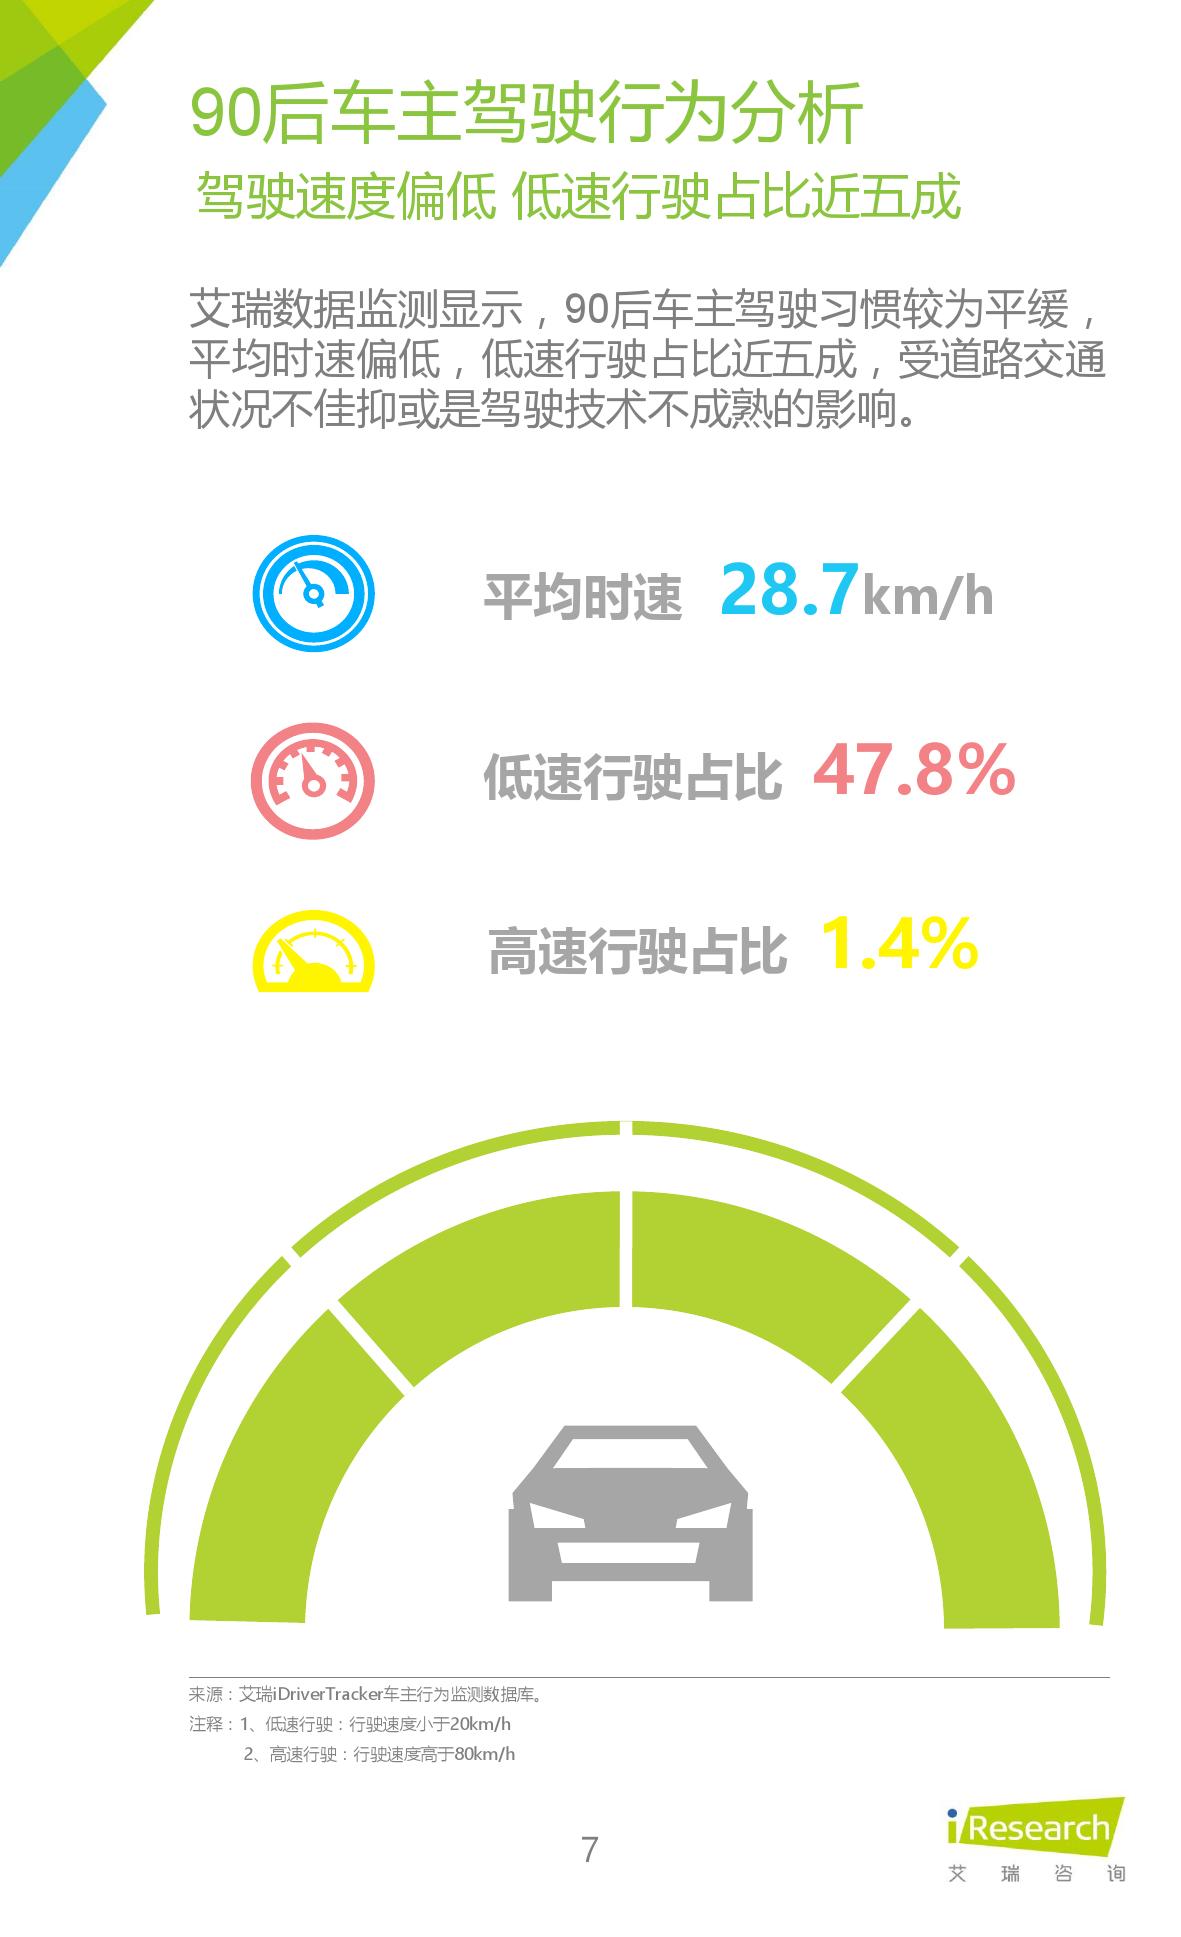 2016年中国90后汽车消费群体研究报告_000007